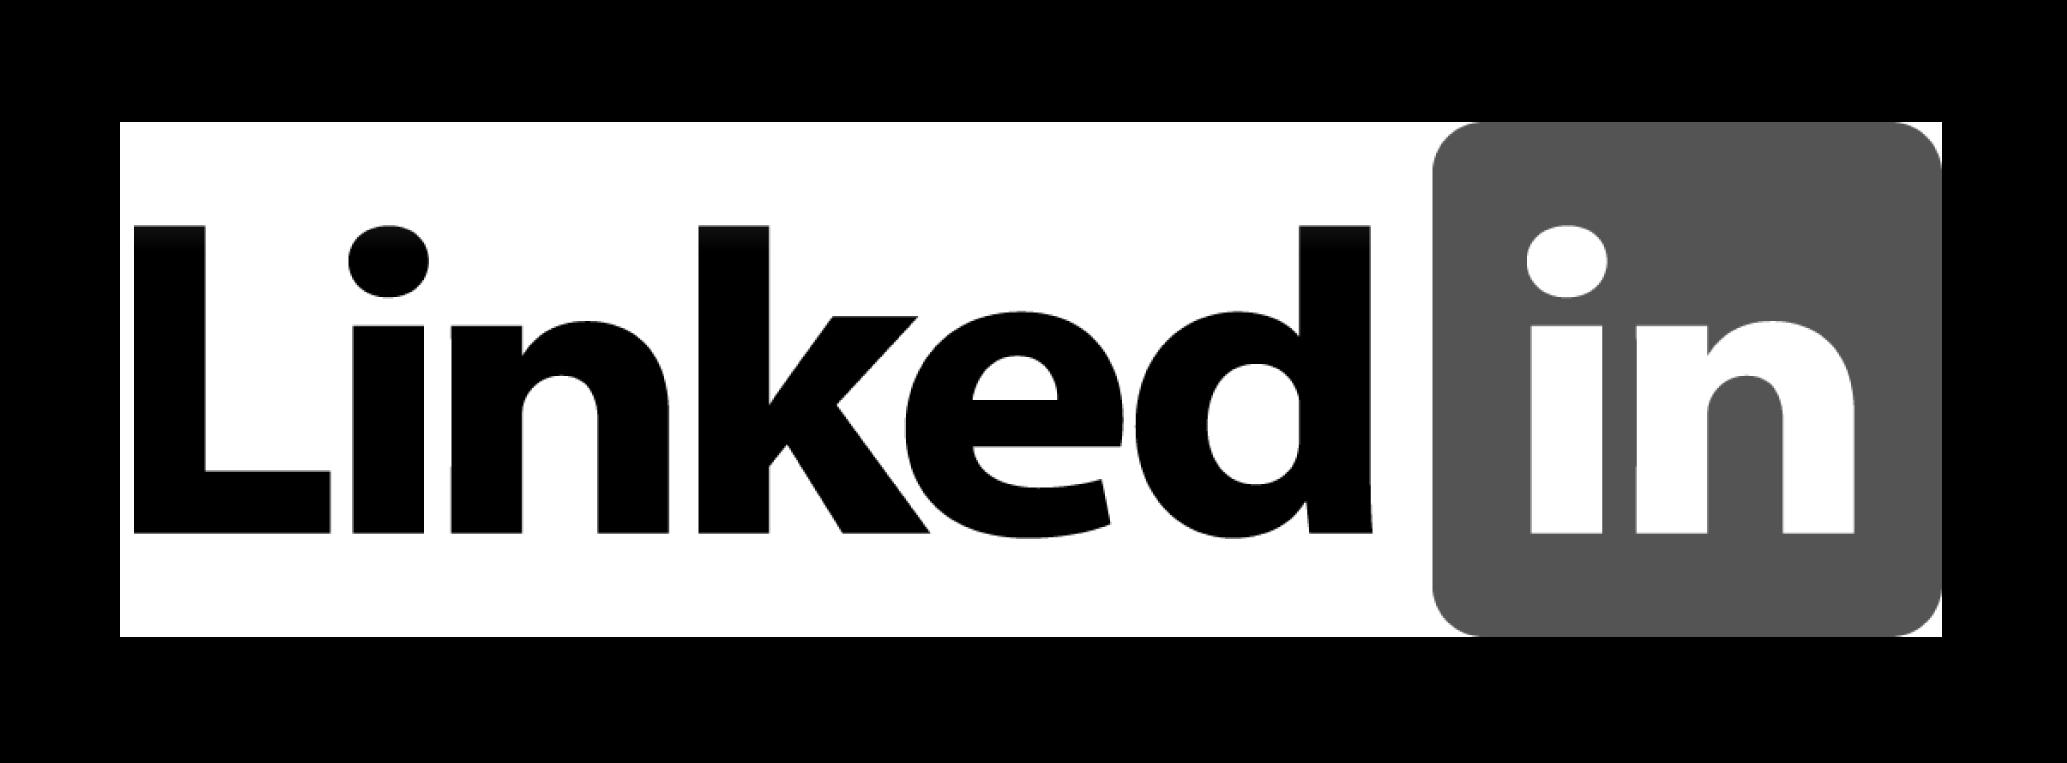 Linkedin-logo-8.png